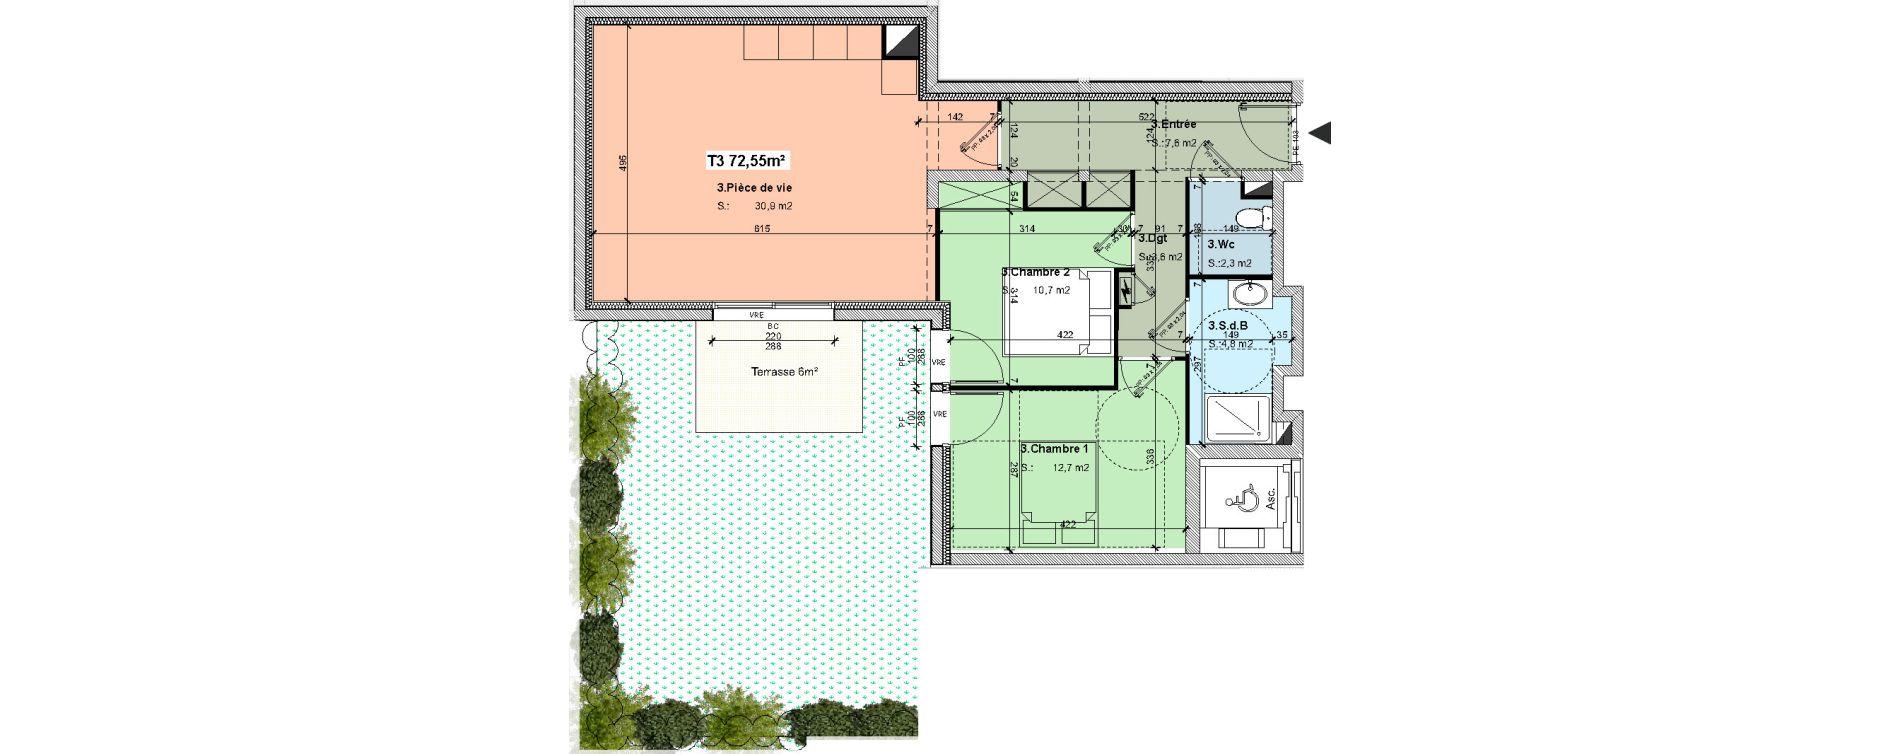 Appartement T3 de 72.55m2 RDC S Villa Bois d\'Amour La Baule ...